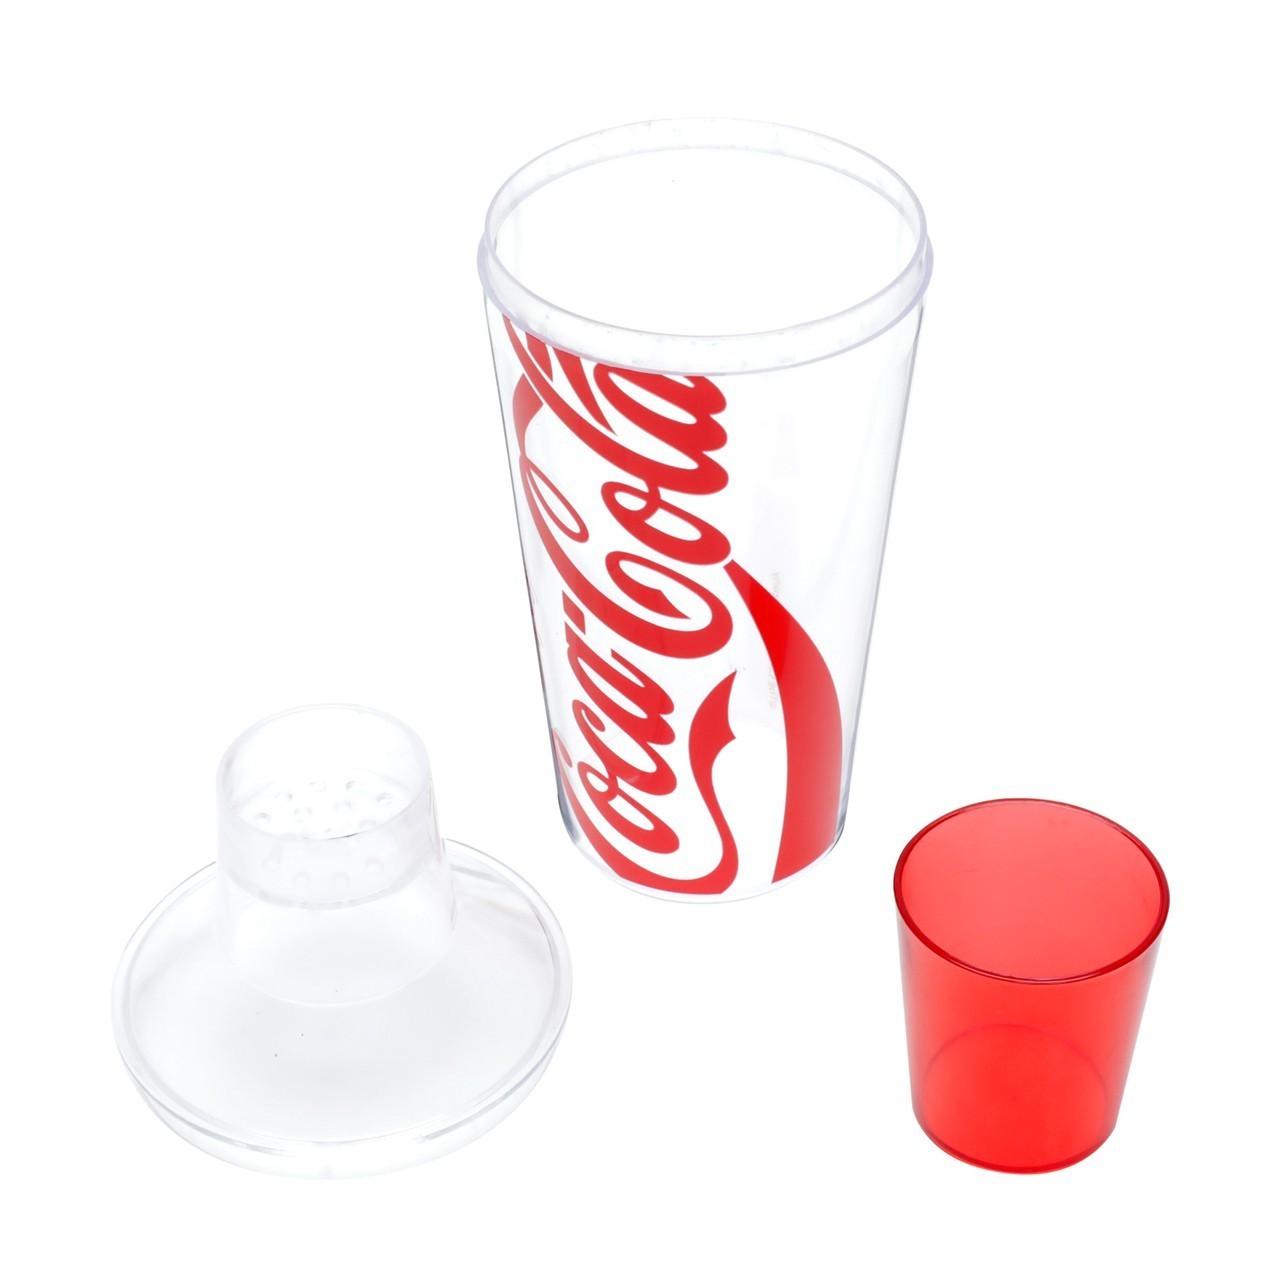 Coqueteleira de Plastico: Coca-Cola logo Transparente - Urban